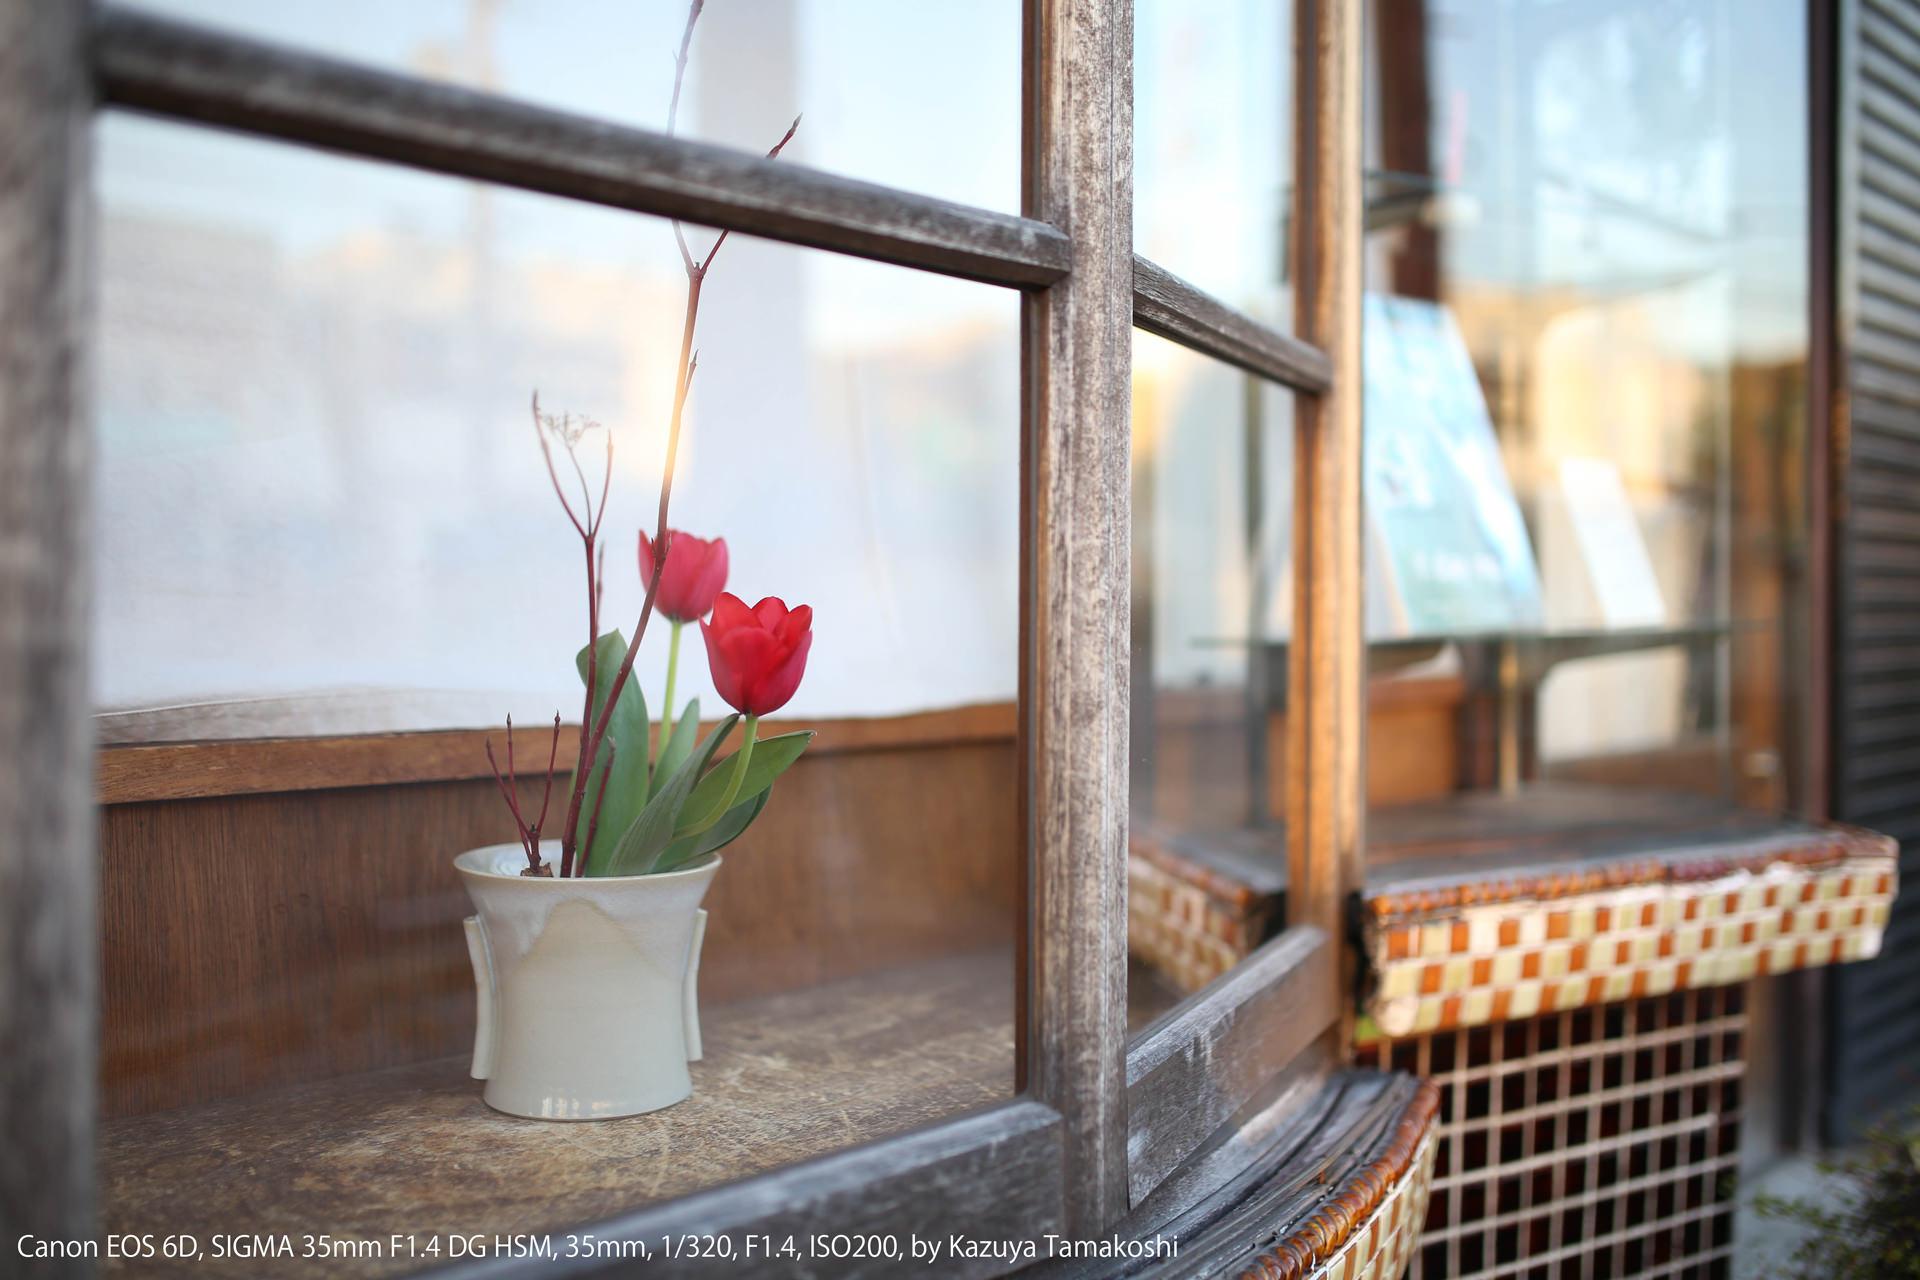 出窓に飾られた花瓶(絞り優先AEのサンプル)